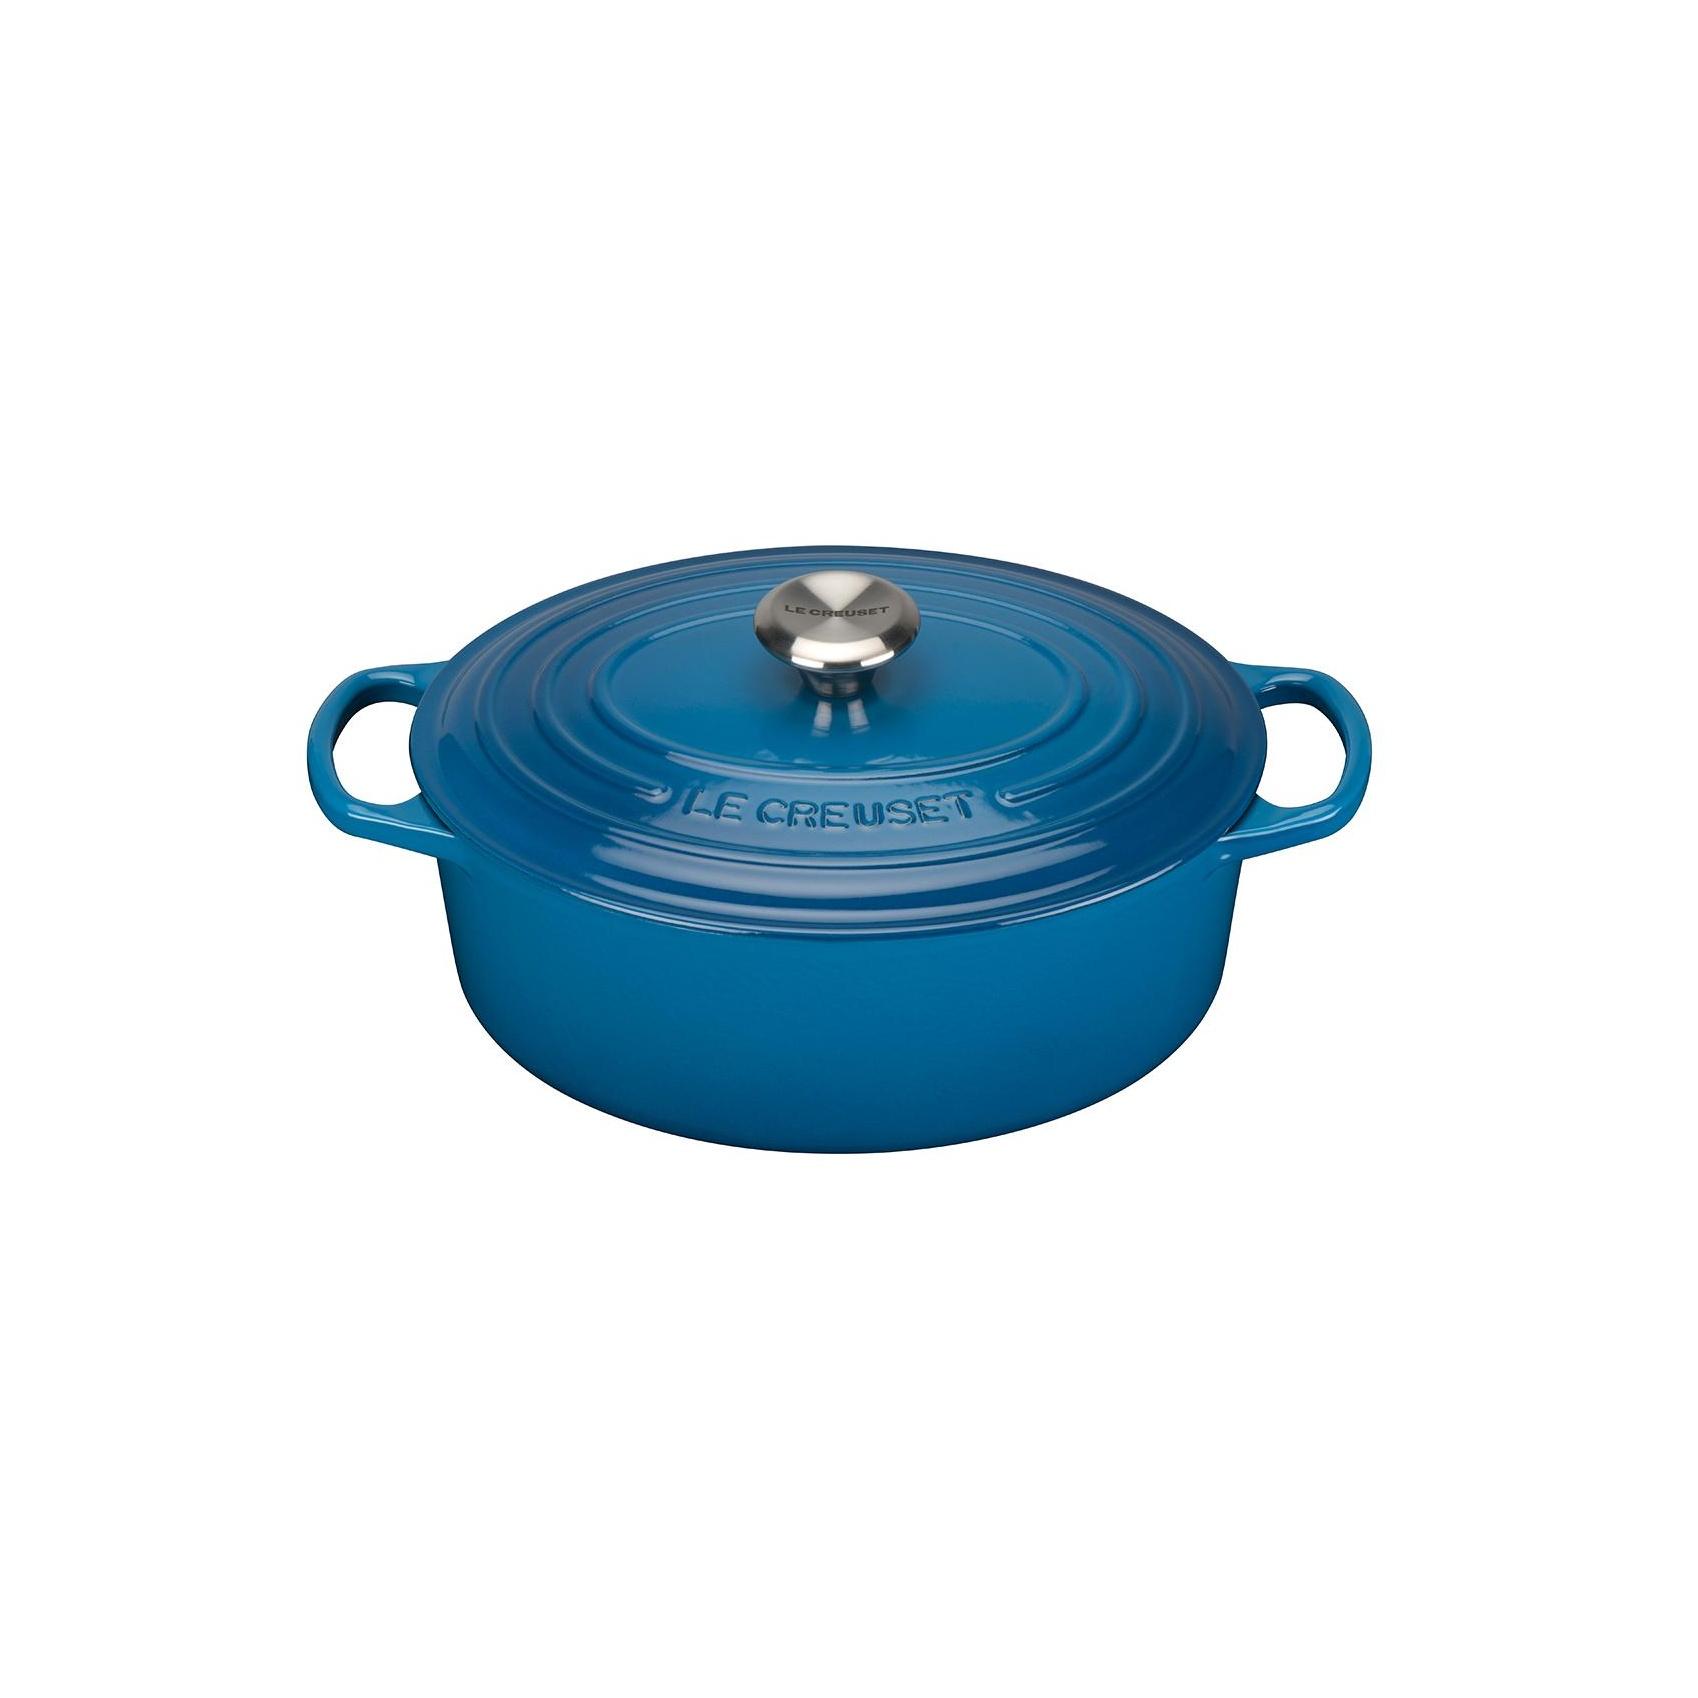 Signature cocotte ovale 31cm bleu marseille hauteur - Cocotte le creuset induction ...